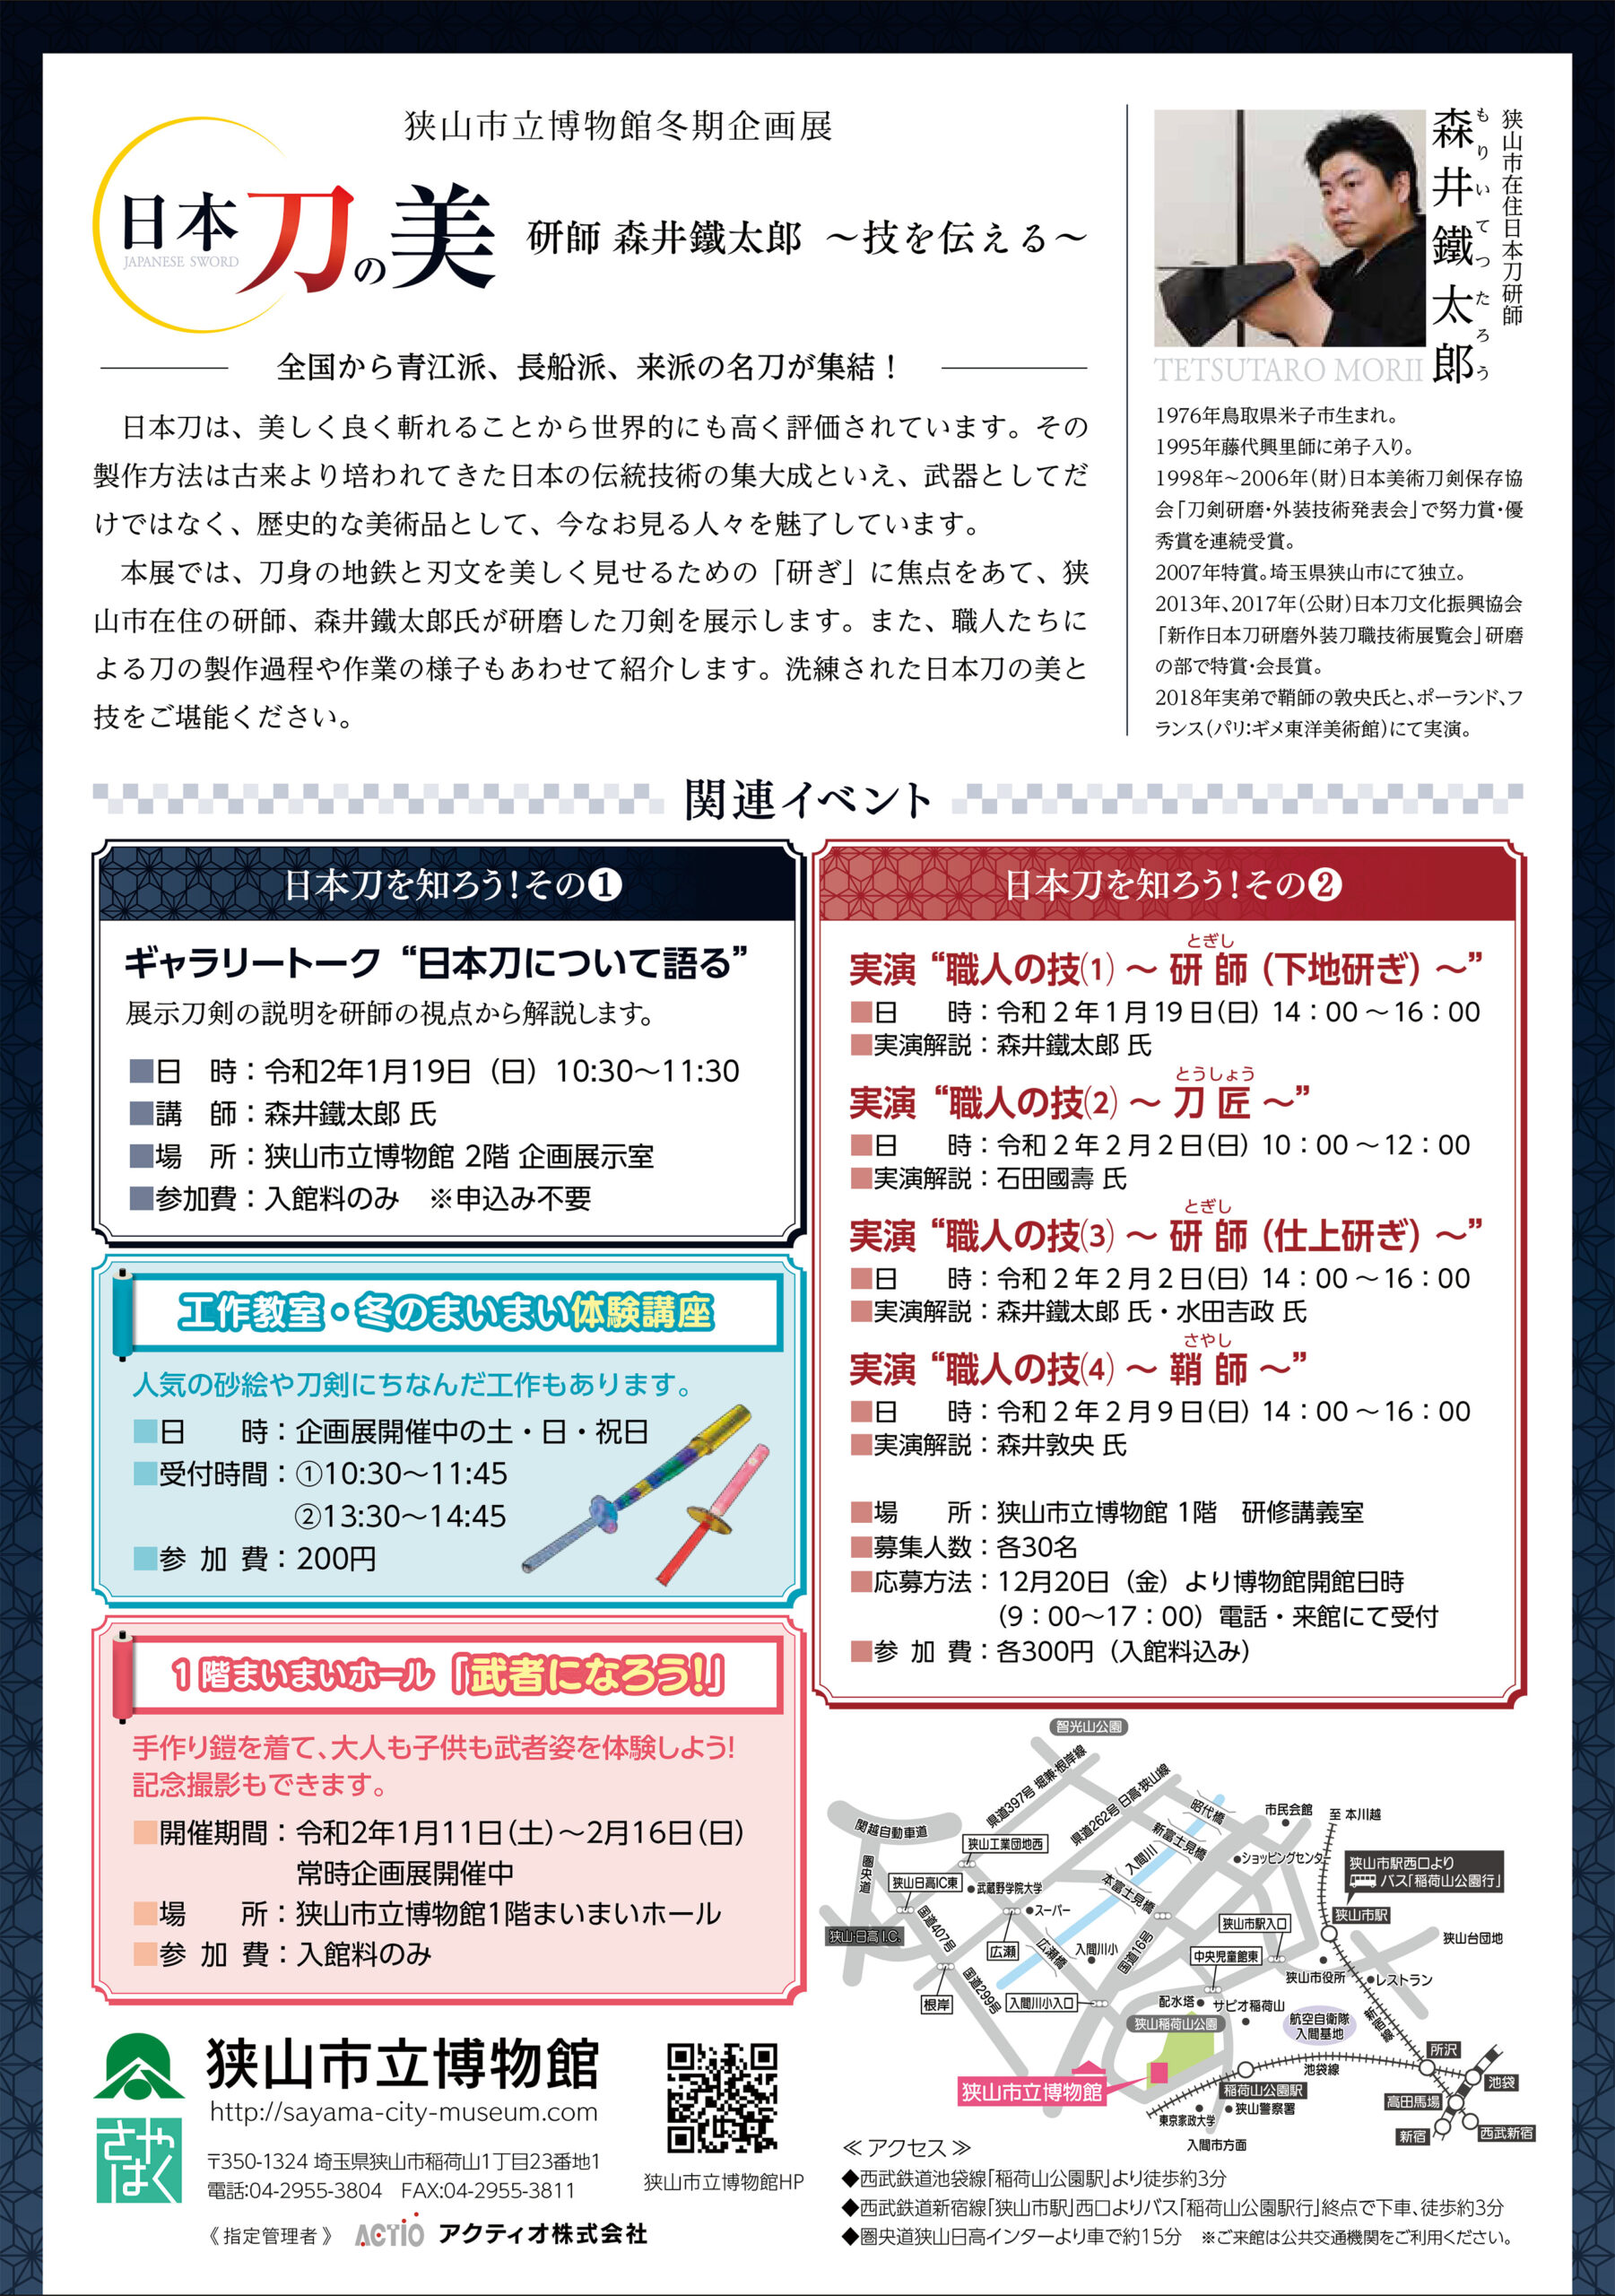 令和元年度 冬期企画展「日本刀の美 研師 森井鐵太郞~技を伝える~」